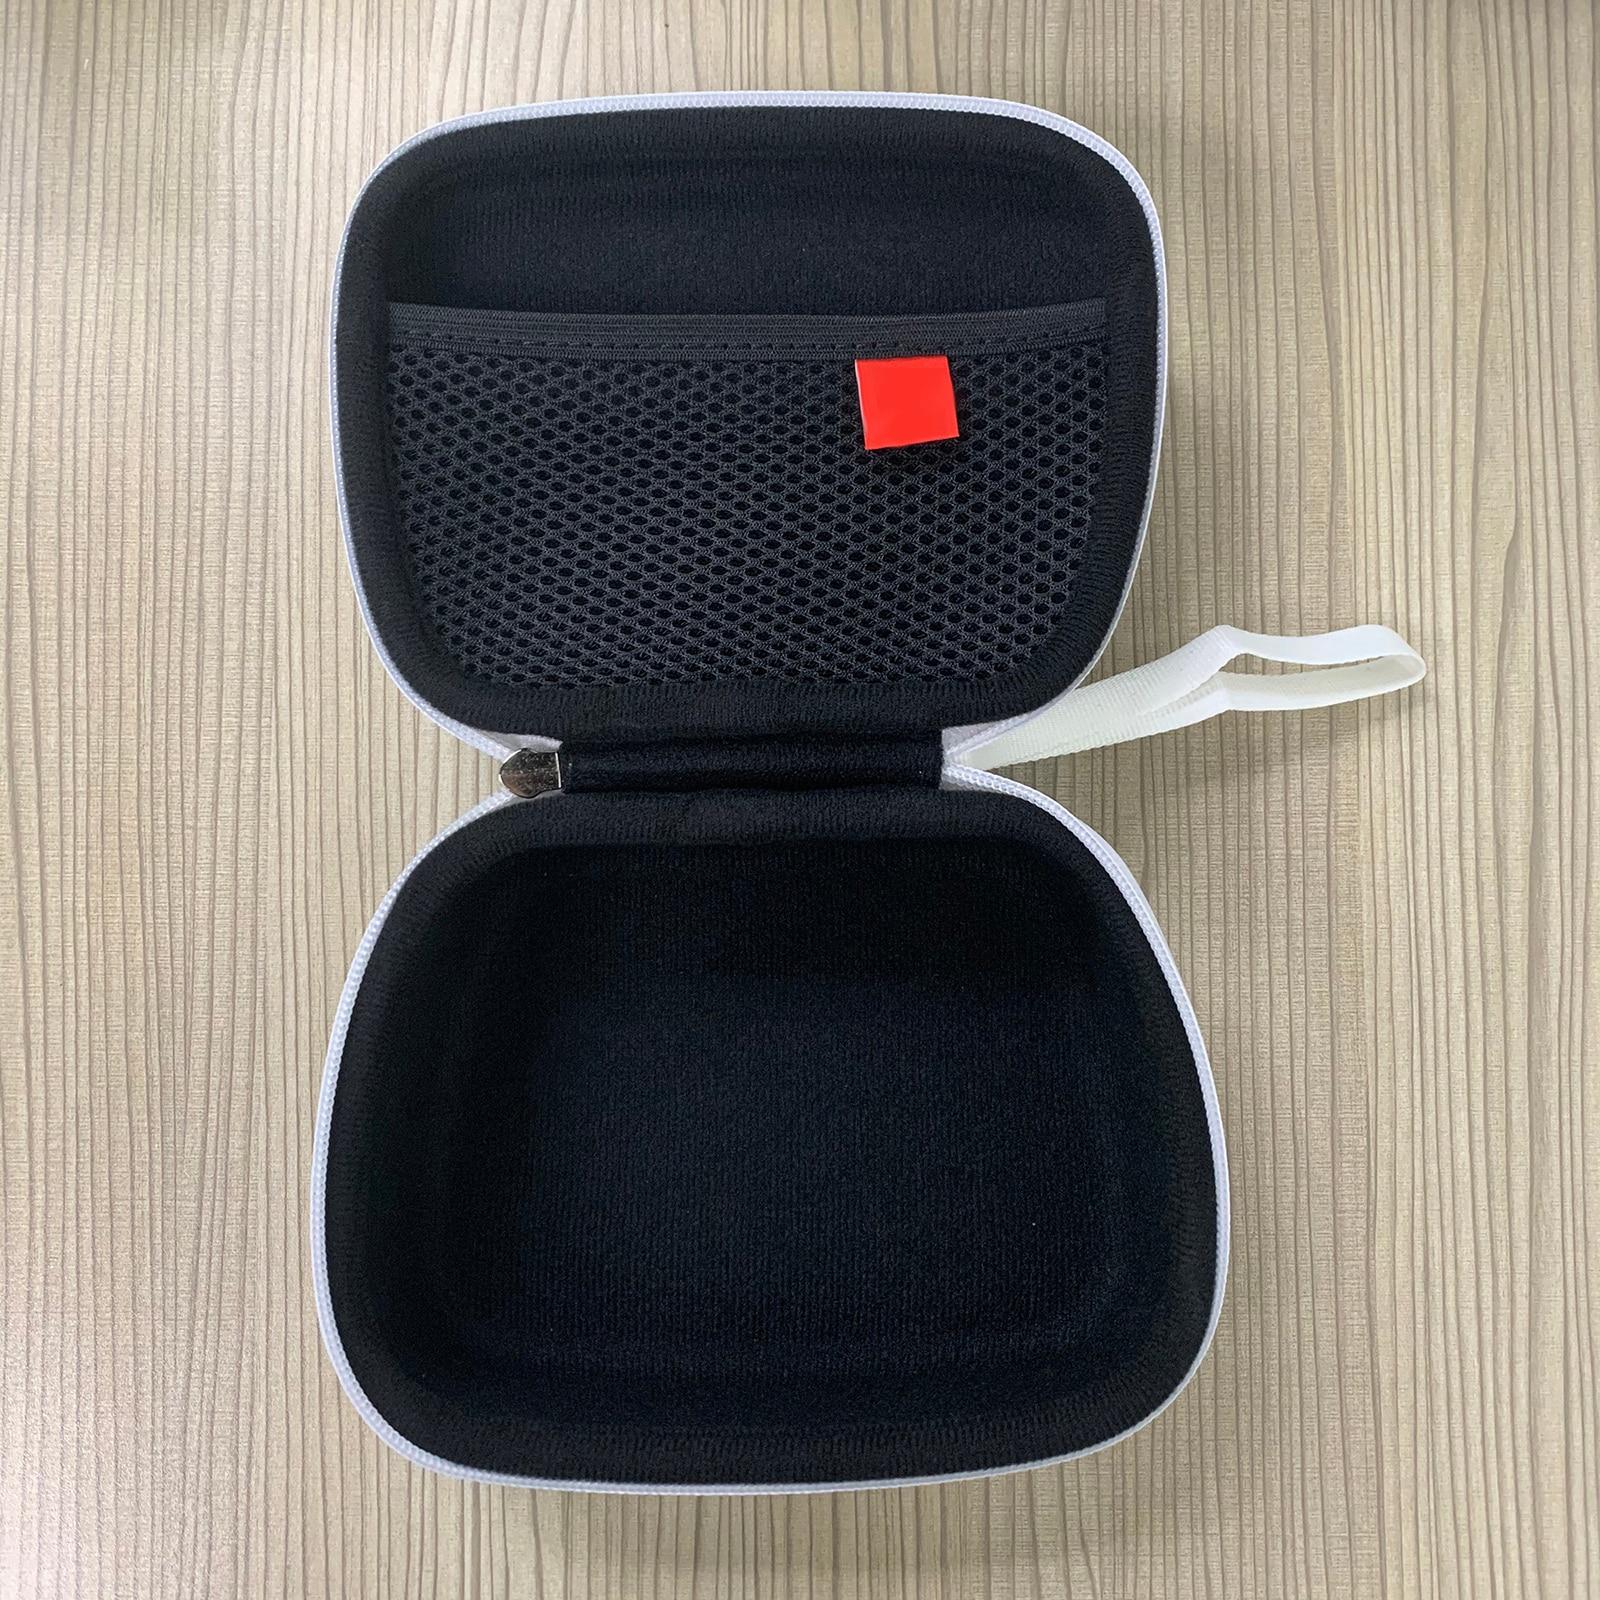 Купить eva + нейлоновый жесткий защитный чехол жесткий чехол сумка